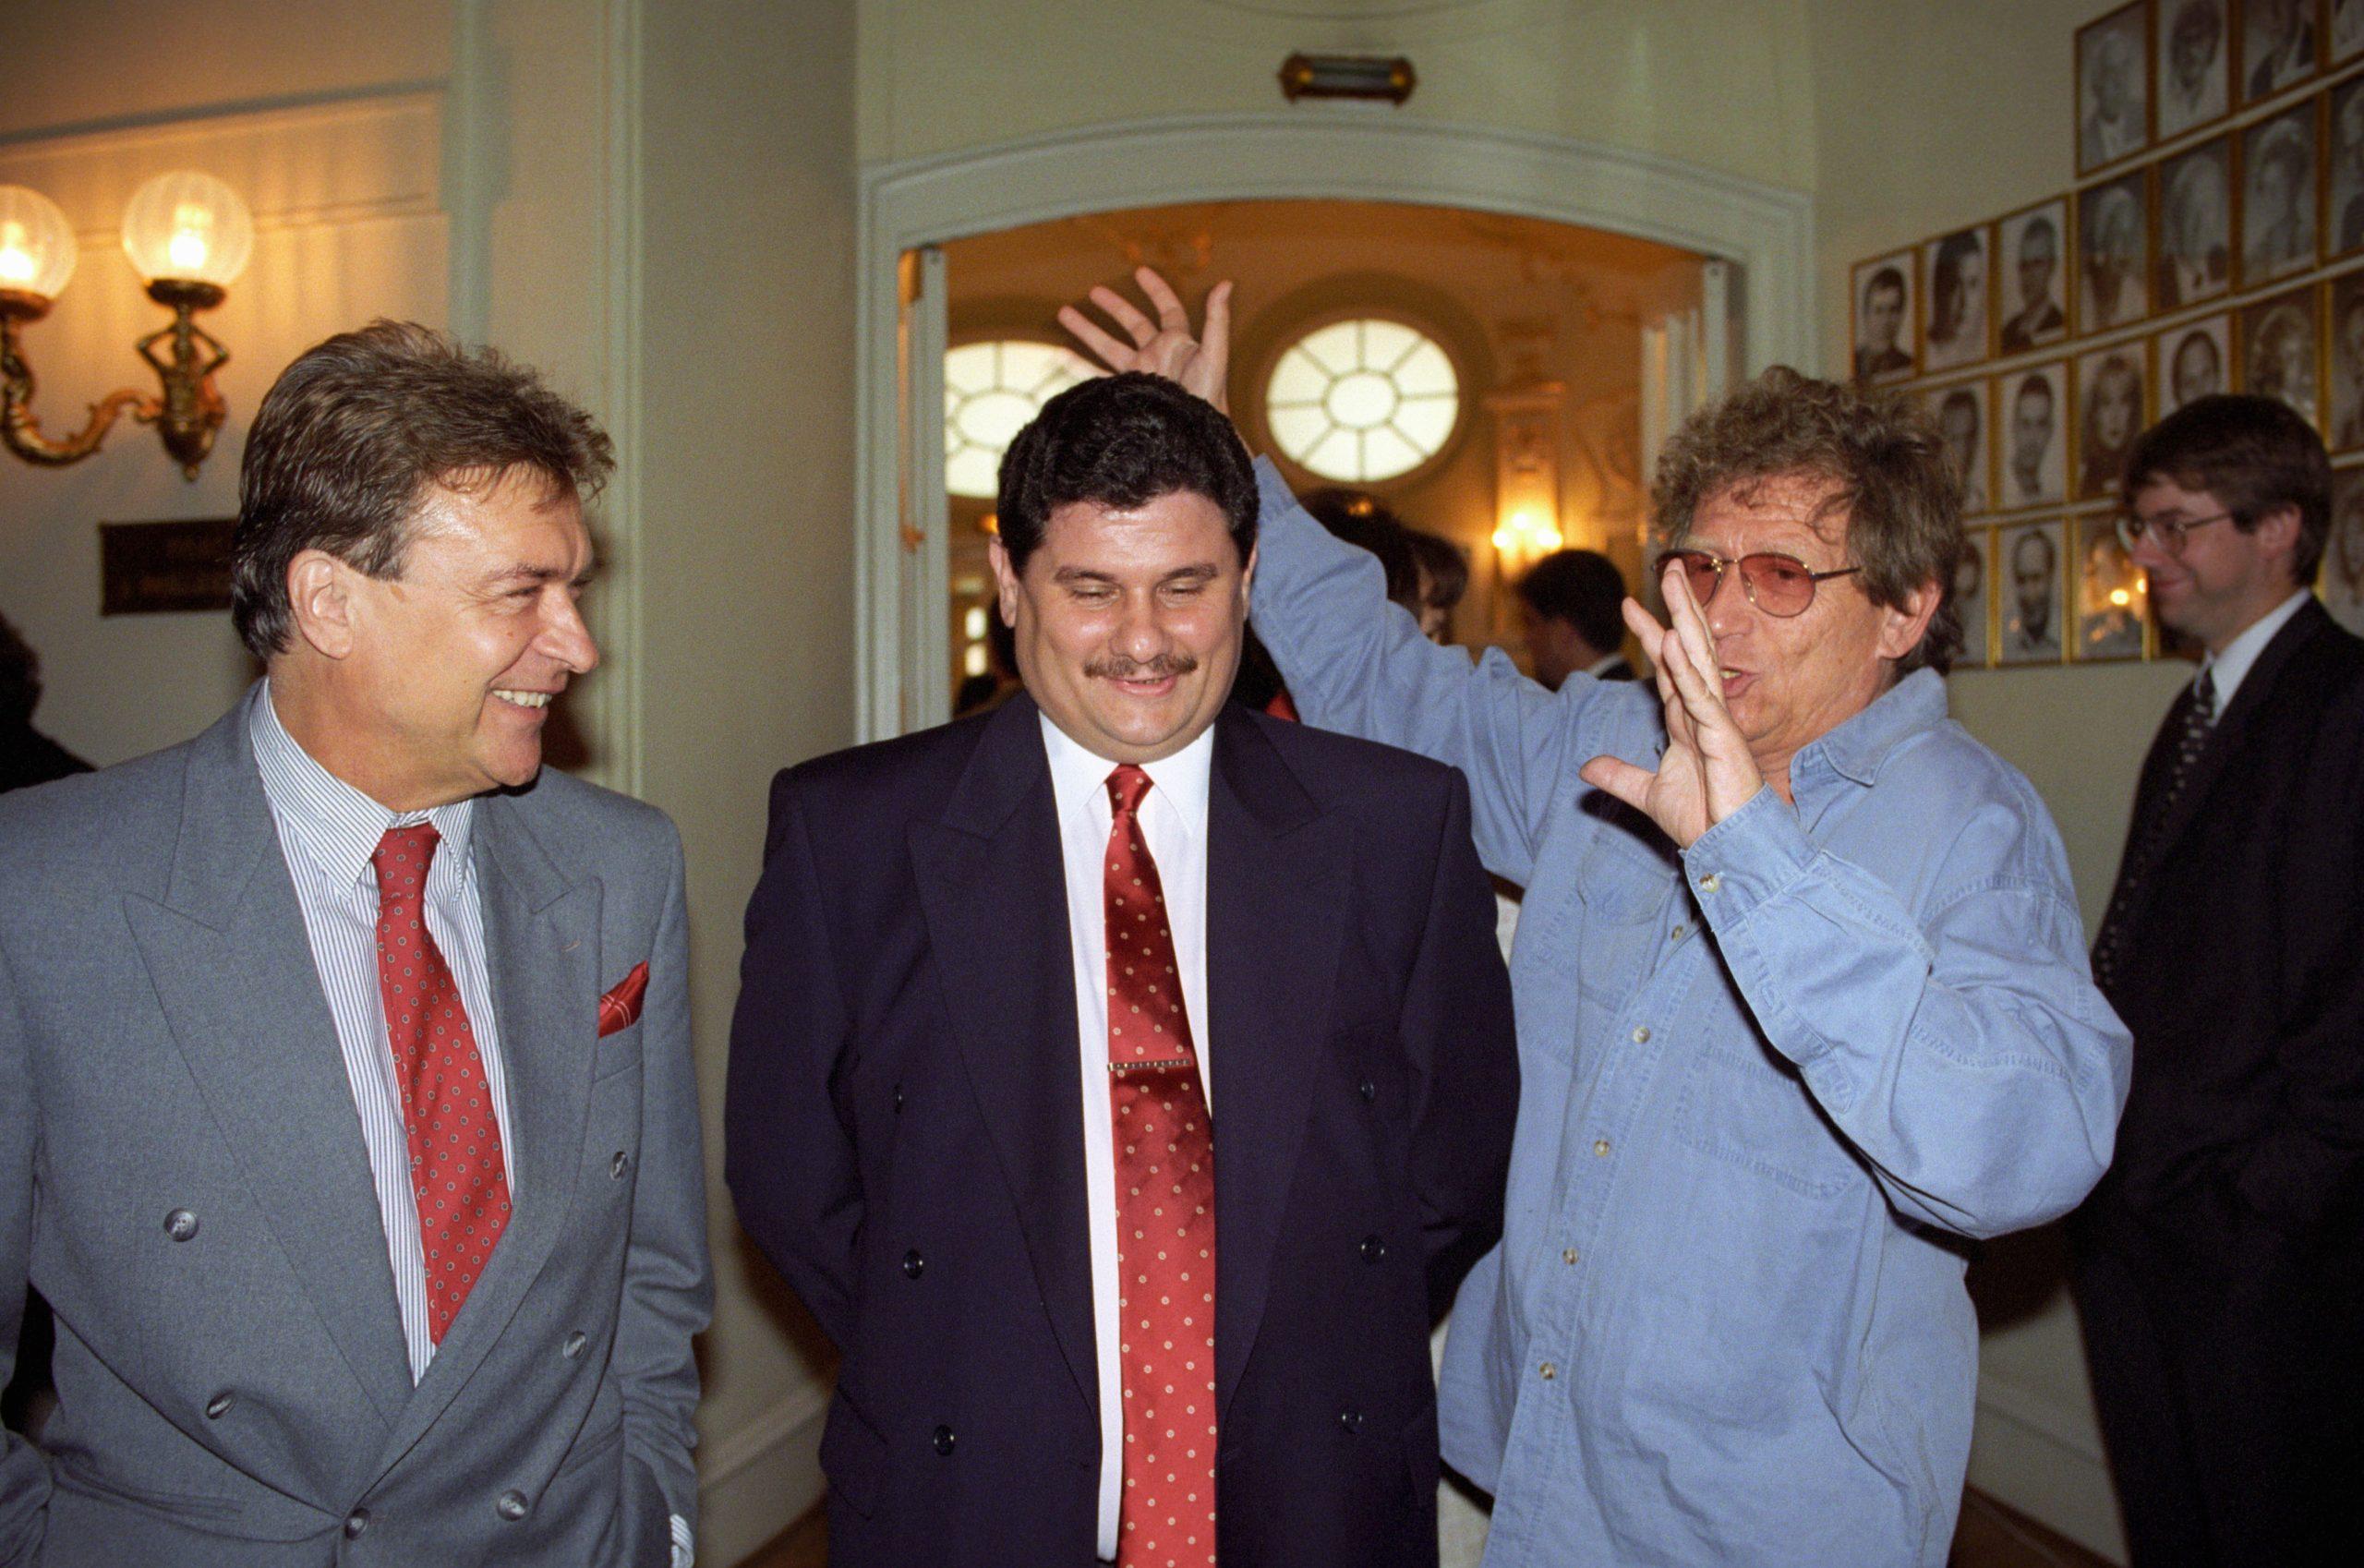 Postabank közgyűlés, Princz mellett Lukács Sándor és Kern András 1997 / Fotó: MTI